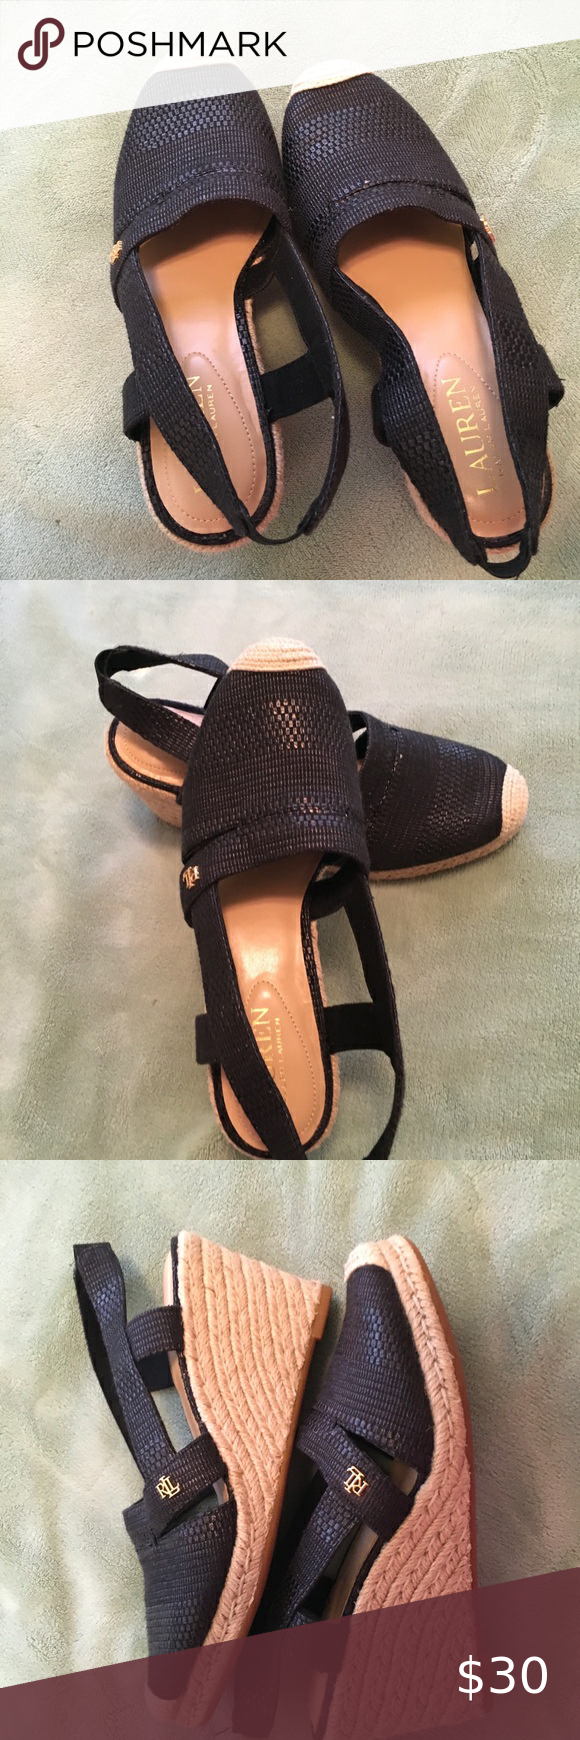 Lauren Ralph Lauren Shoes | Limited Time Offer Lauren